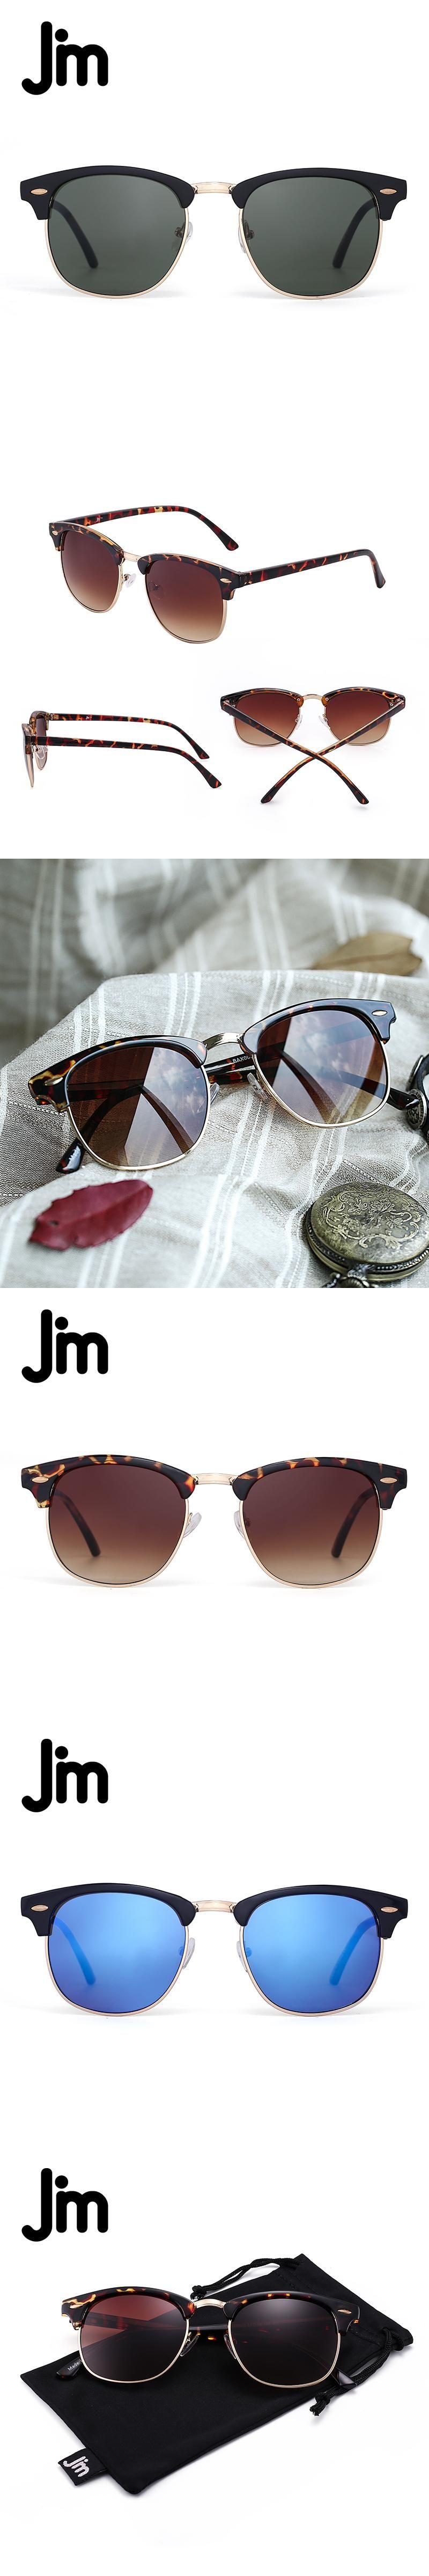 7630a53f04 Sunglasses Women · Color Mixing · Lens · JM Wholesale 2 5 10pcs LOT Bulk  Sale Vintage Half Frame Semi Rimless